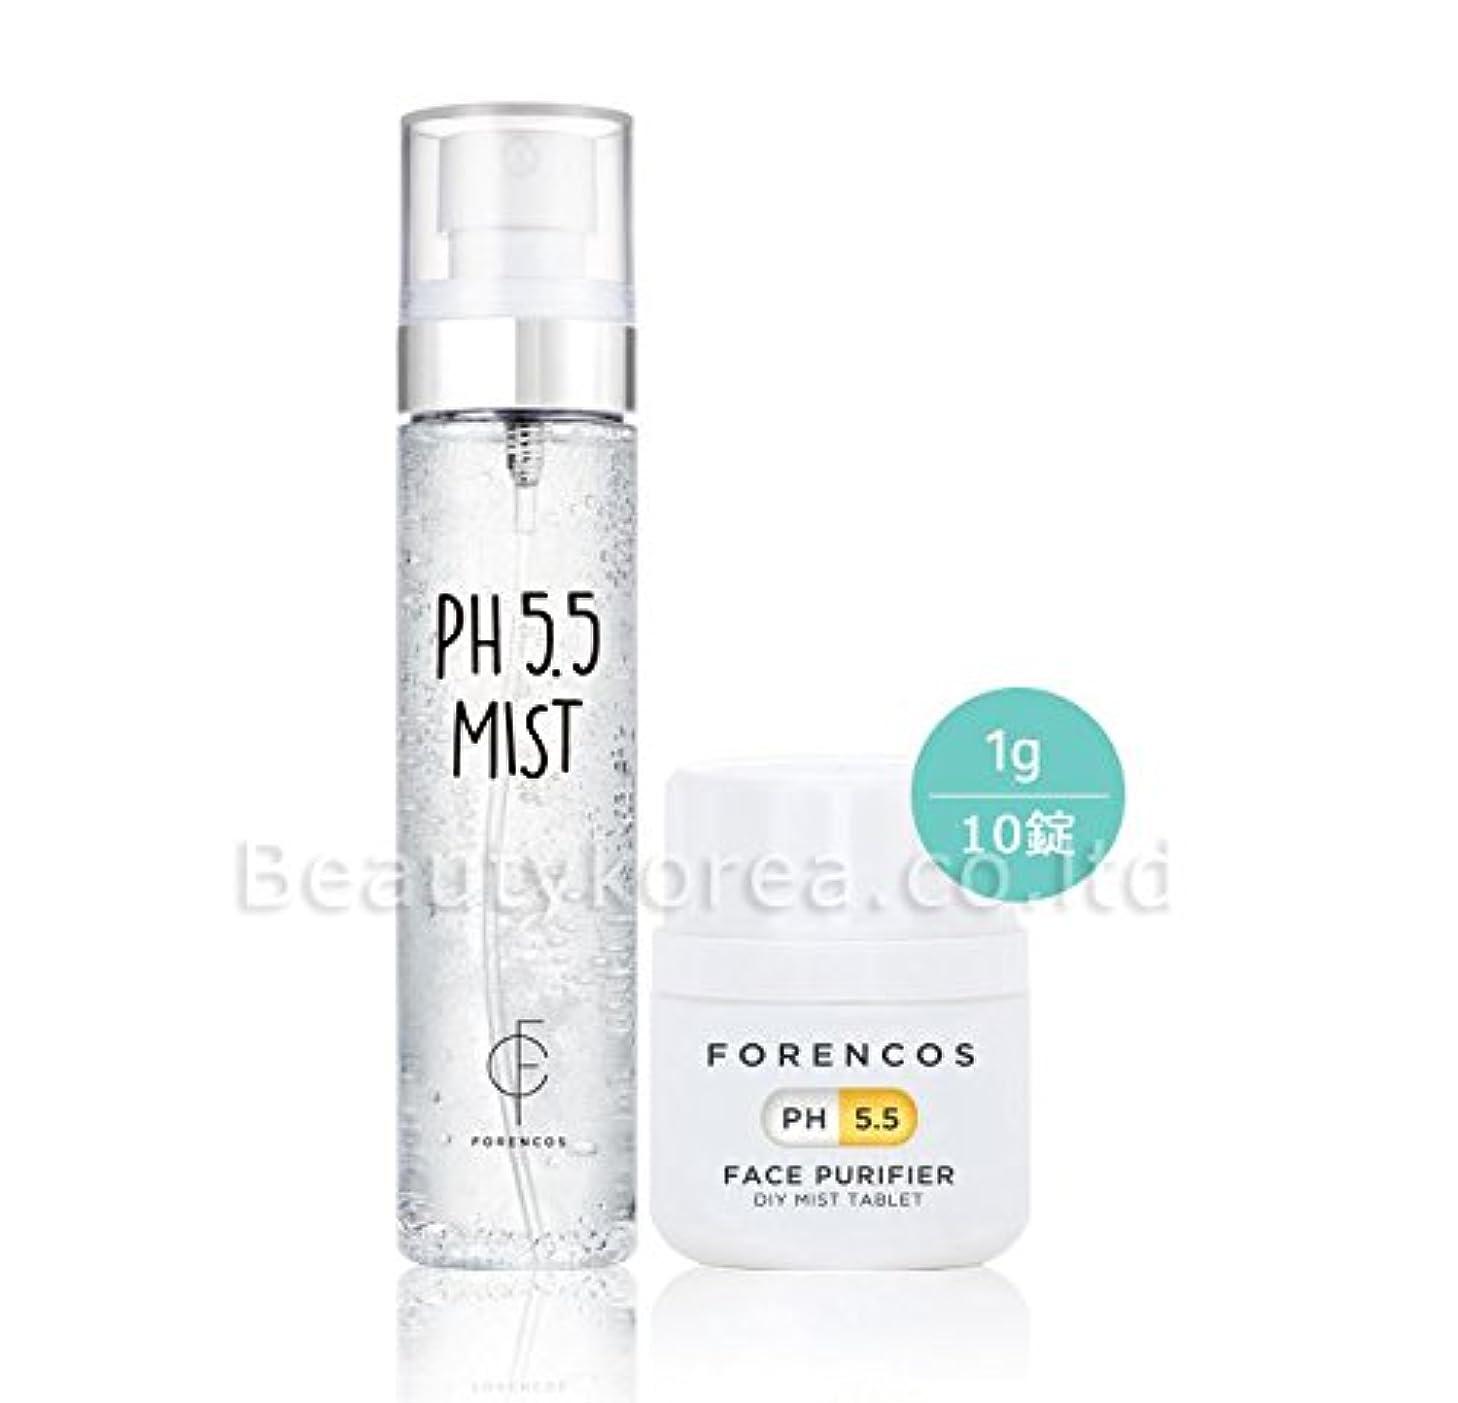 融合生む囲まれた[FORENCOS] 花粉?PM2.5対策フォレンコス PH5.5フェイスピュリファイア弱酸性ミスト PH5.5 Purifier Mist [並行輸入品]